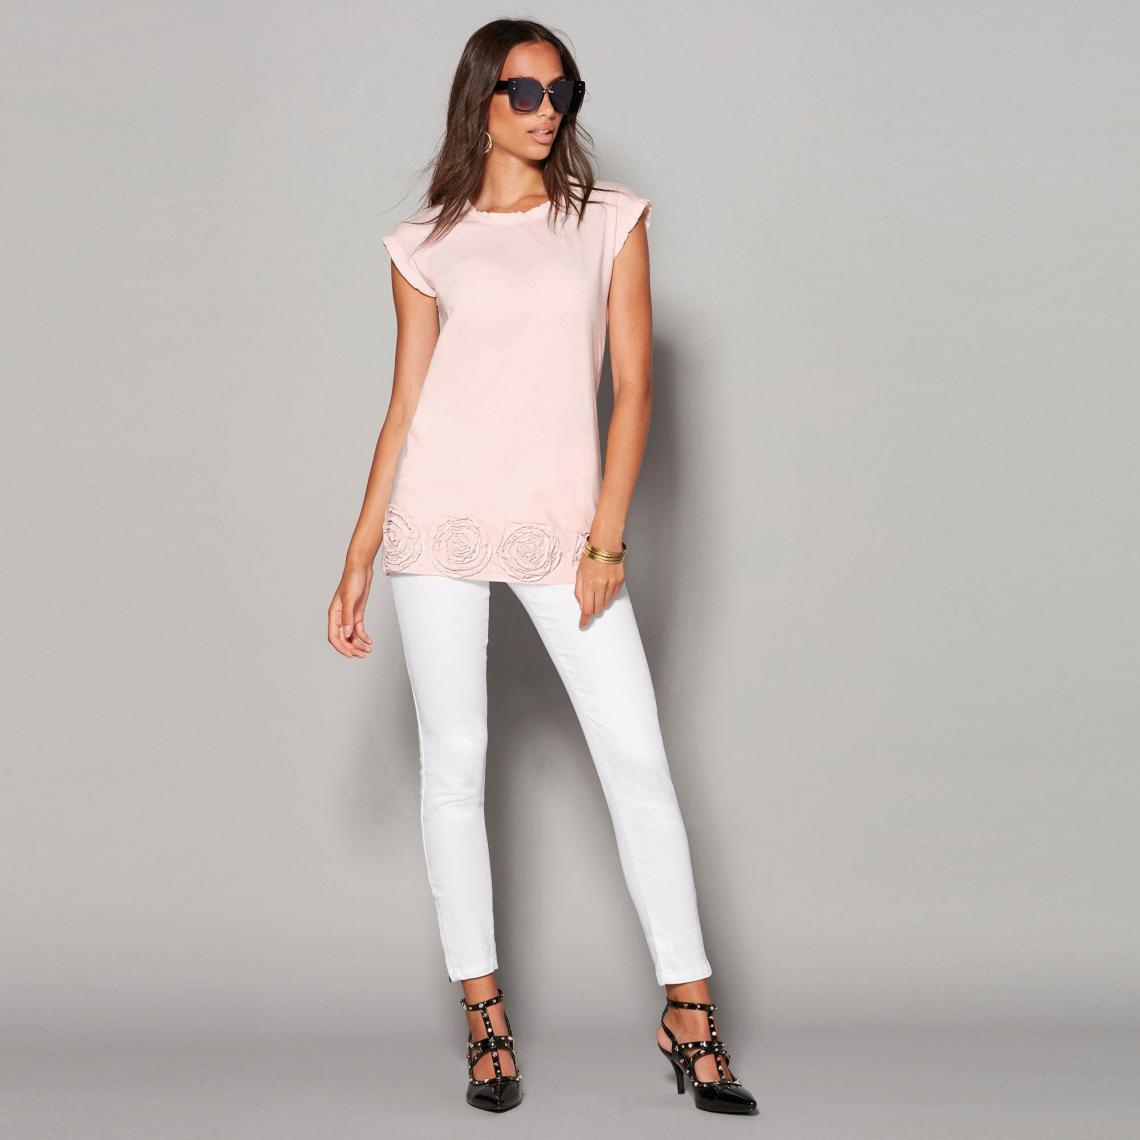 Pantalon 5 poches bas zippés - 3 SUISSES - Modalova